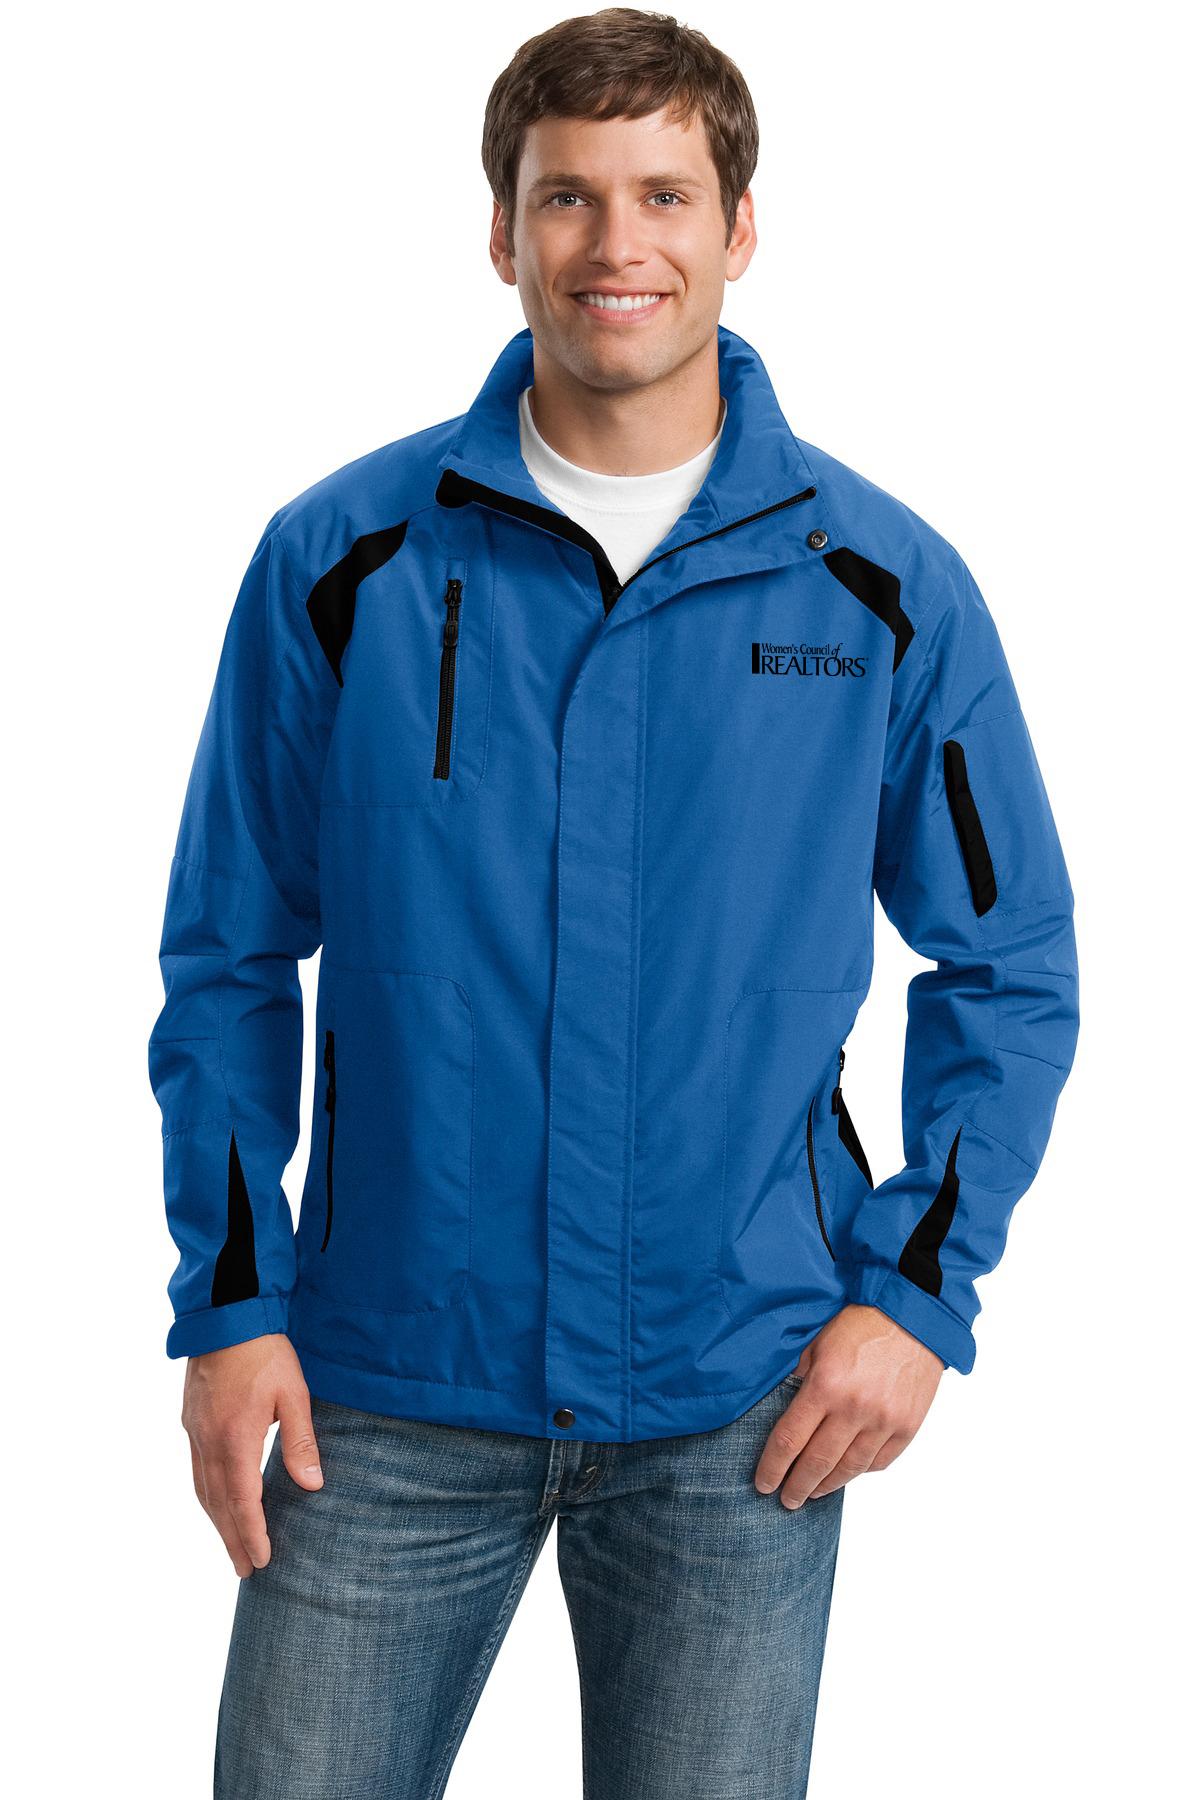 Mens All-Season Waterproof Jacket Outerwear,Jackets